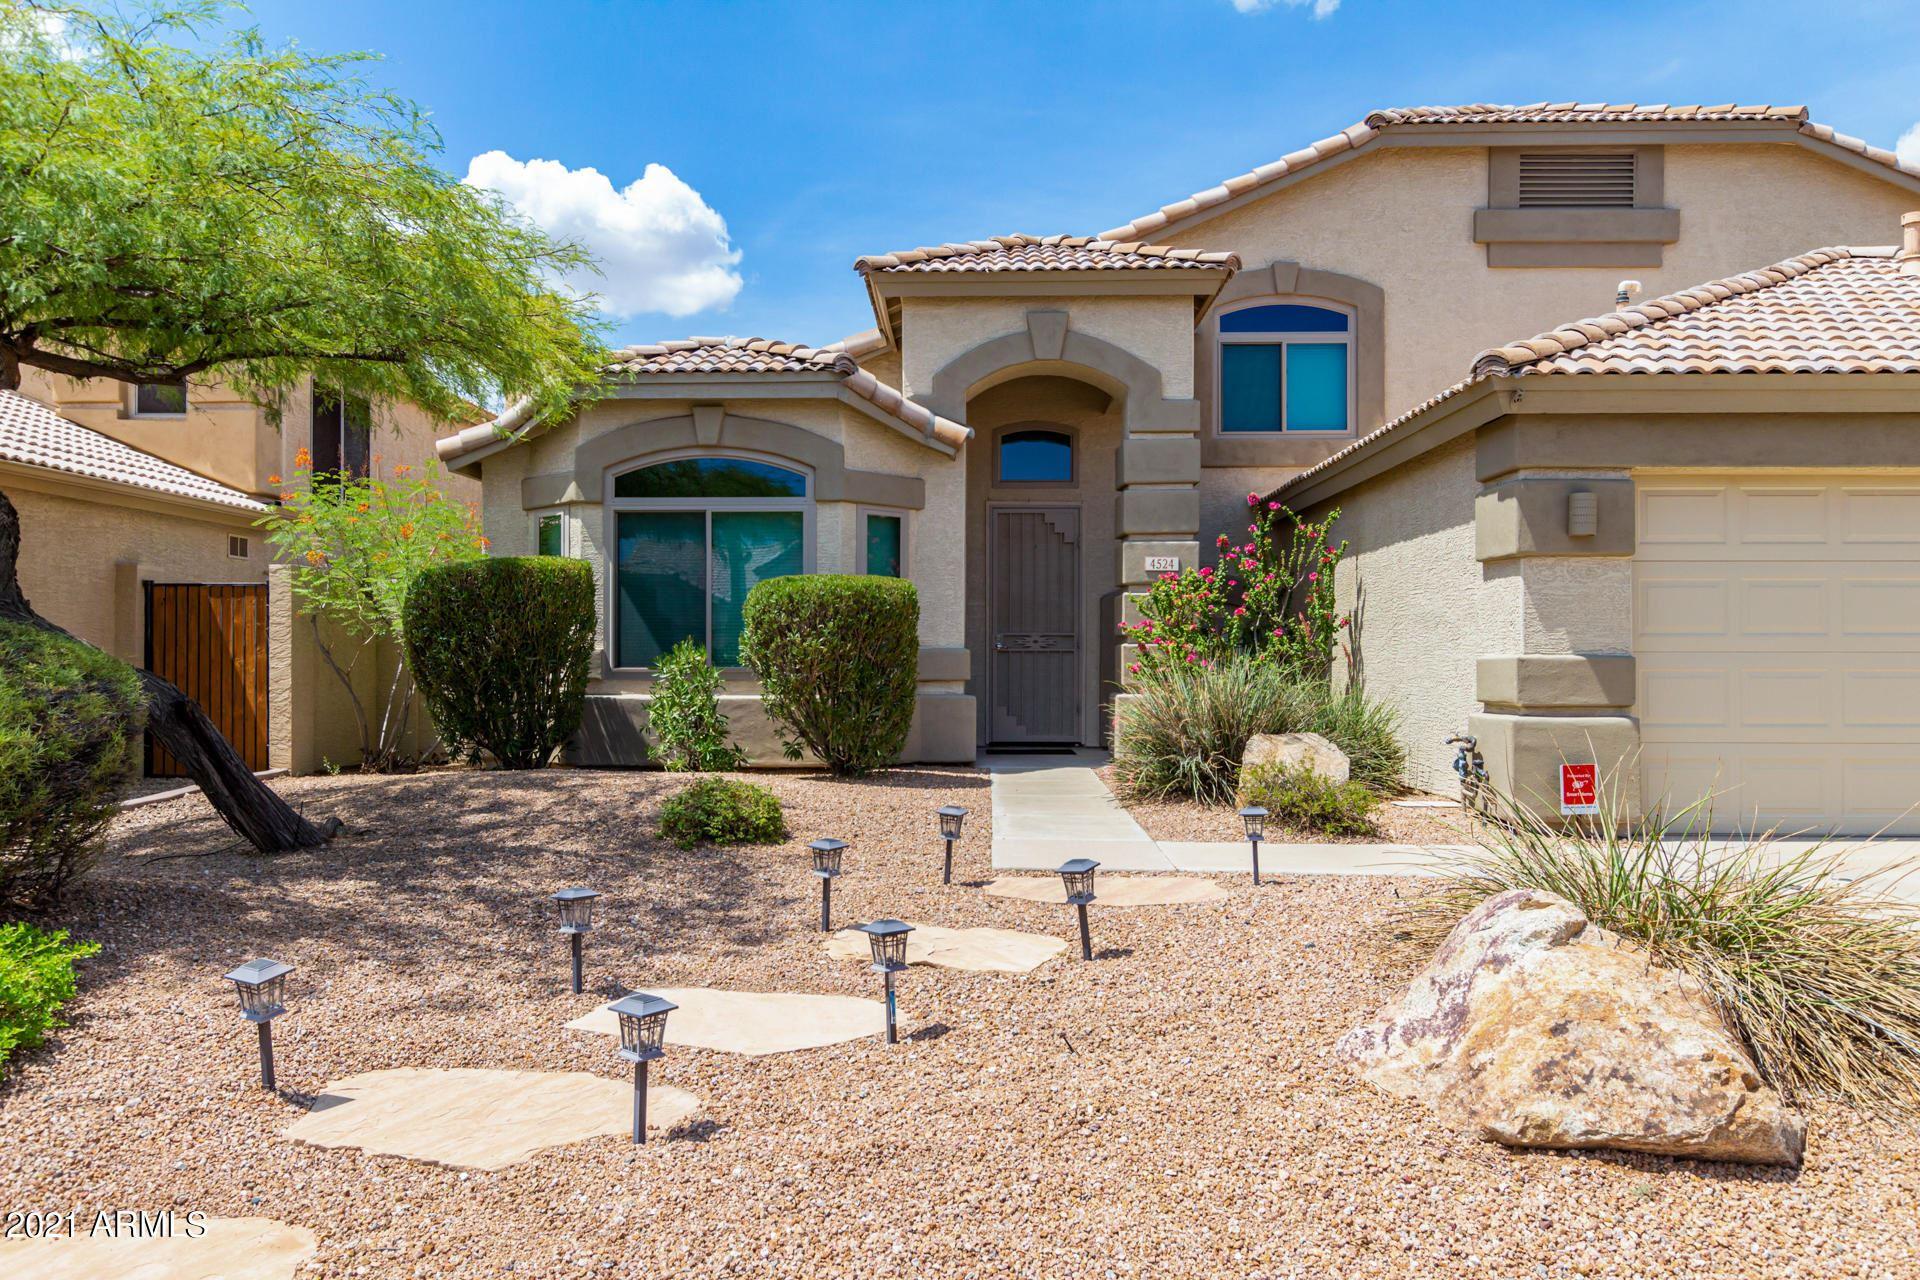 4524 E CASEY Lane, Cave Creek, AZ 85331 - MLS#: 6271875